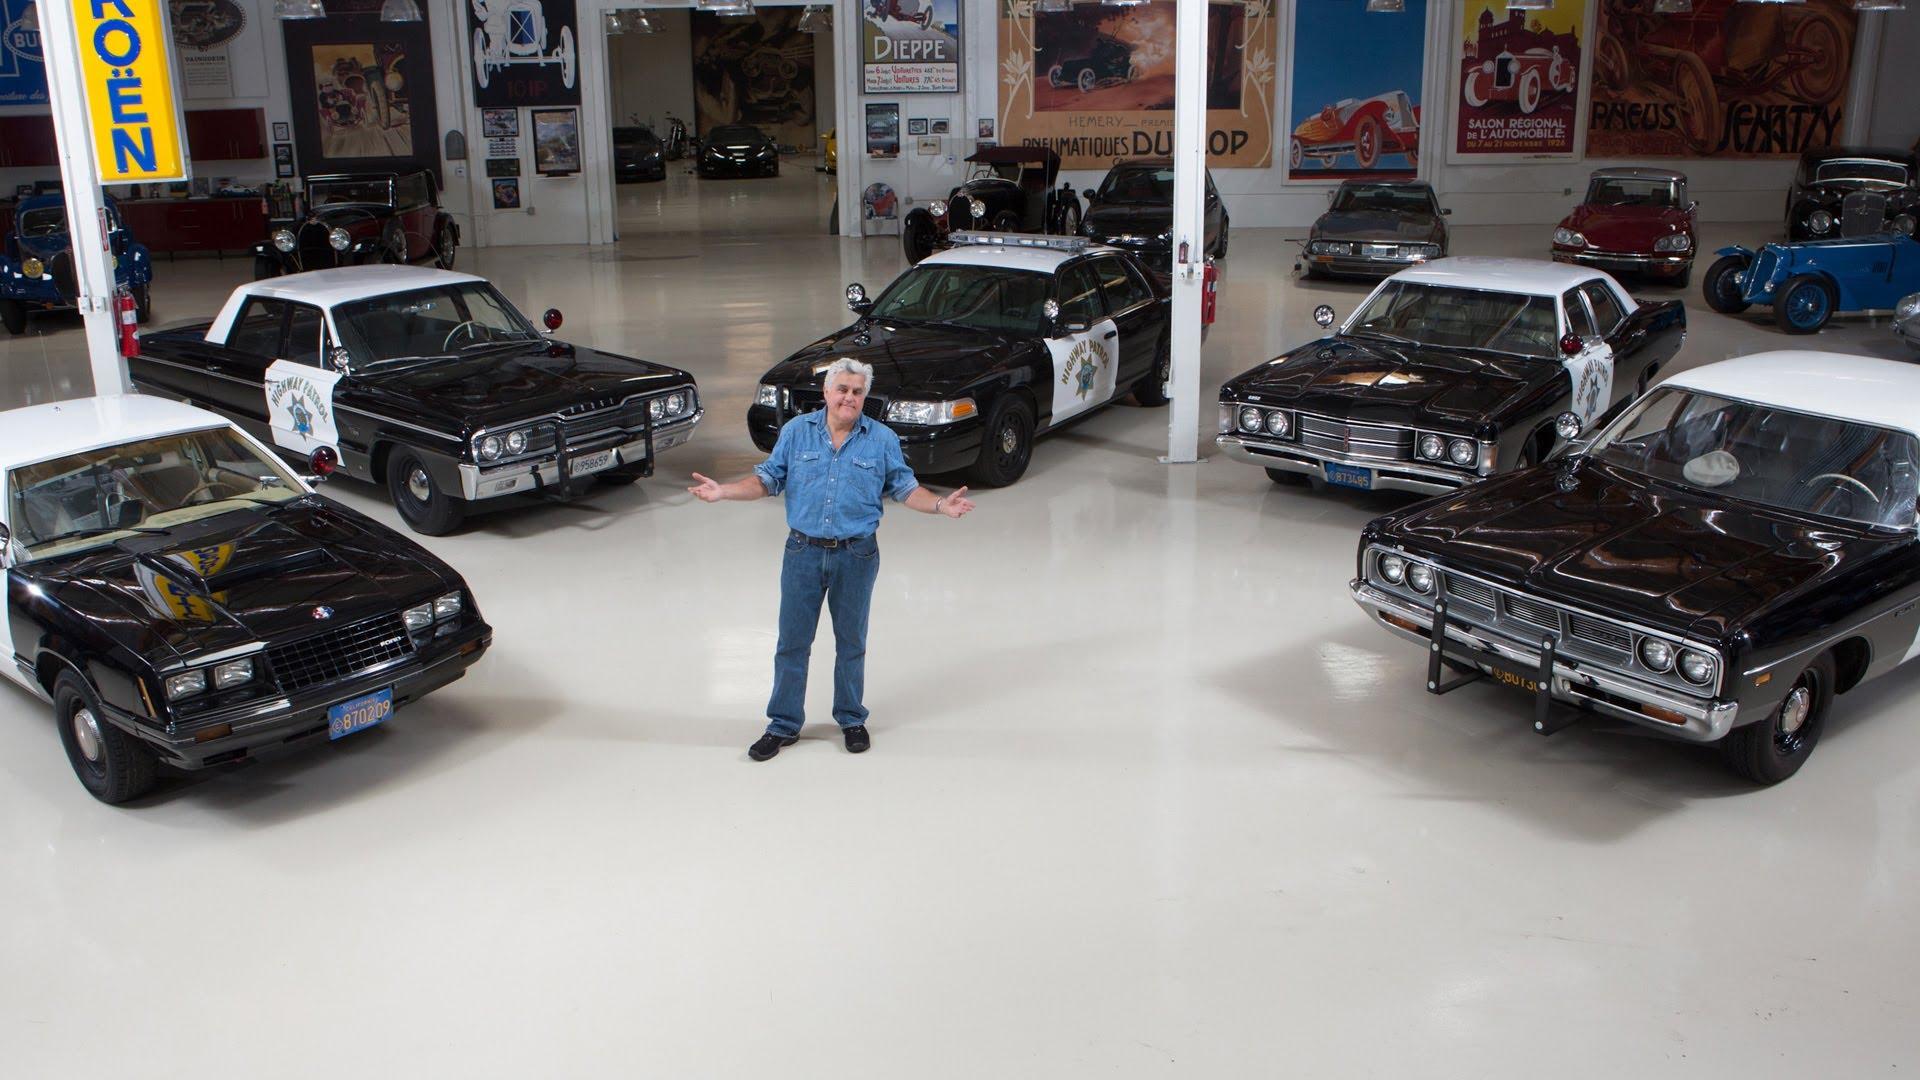 Jay Leno Car: The Cars In Jay Leno's Garage